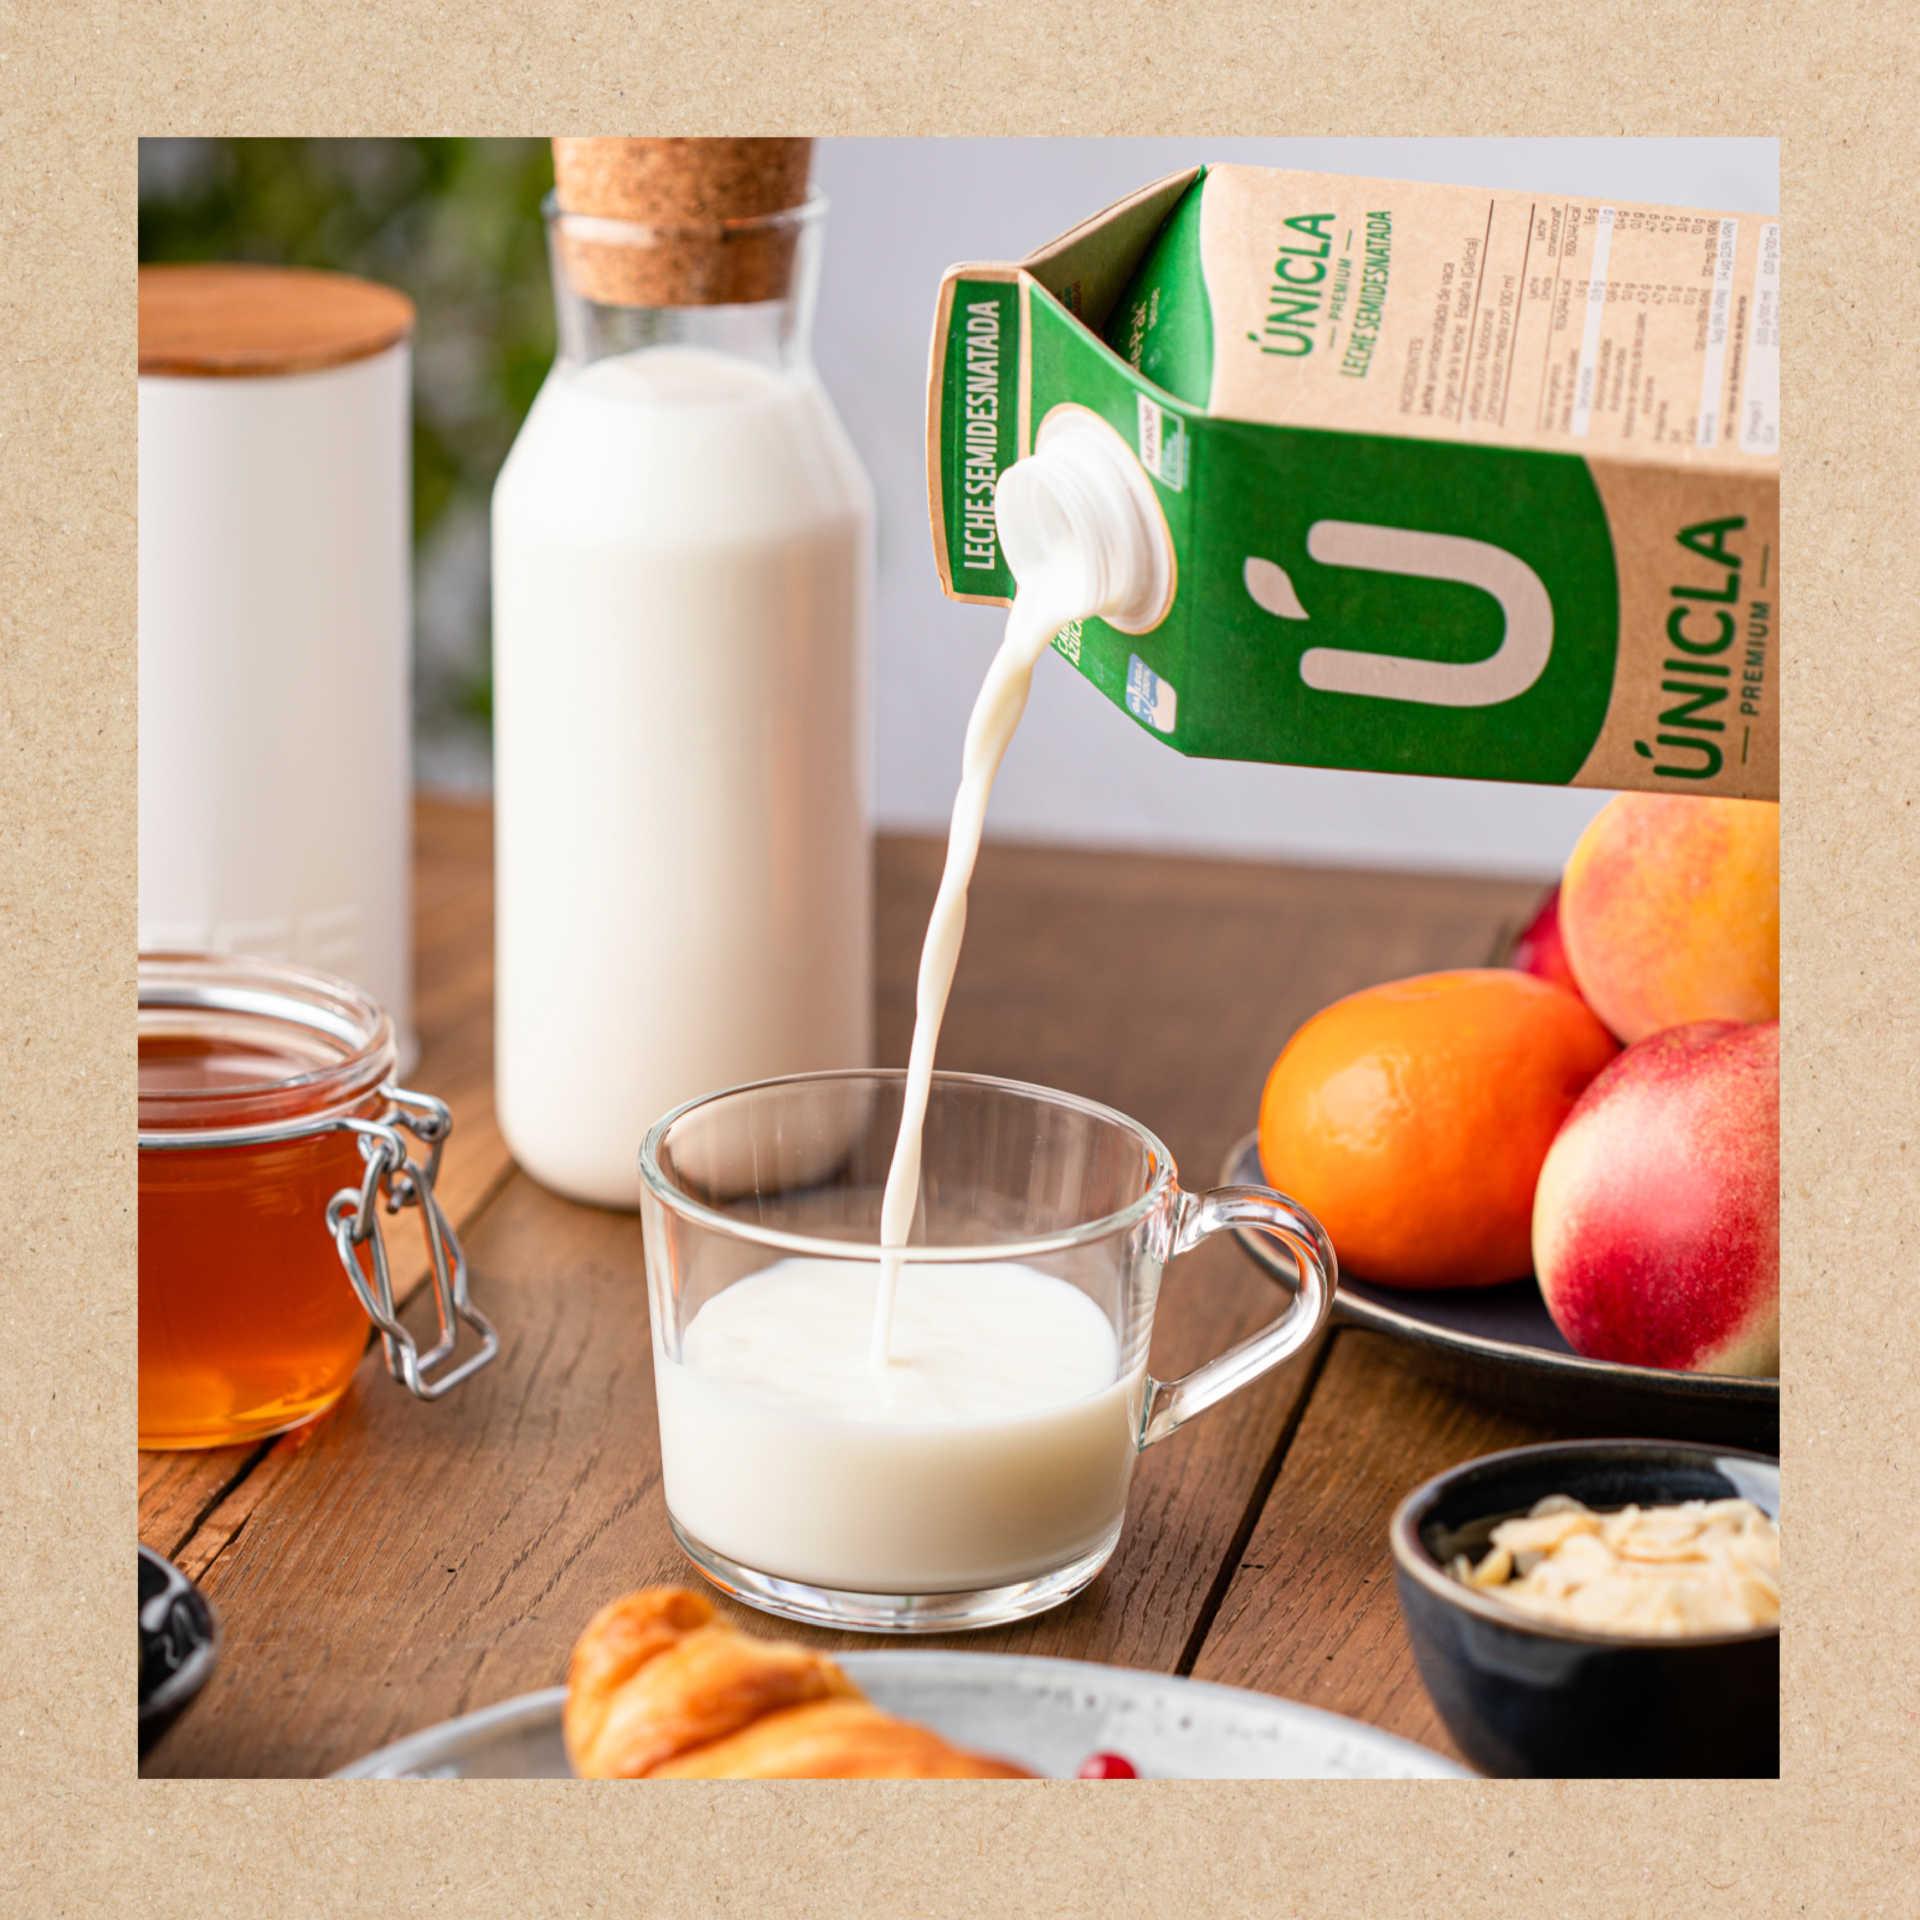 leche-buena-desayuno